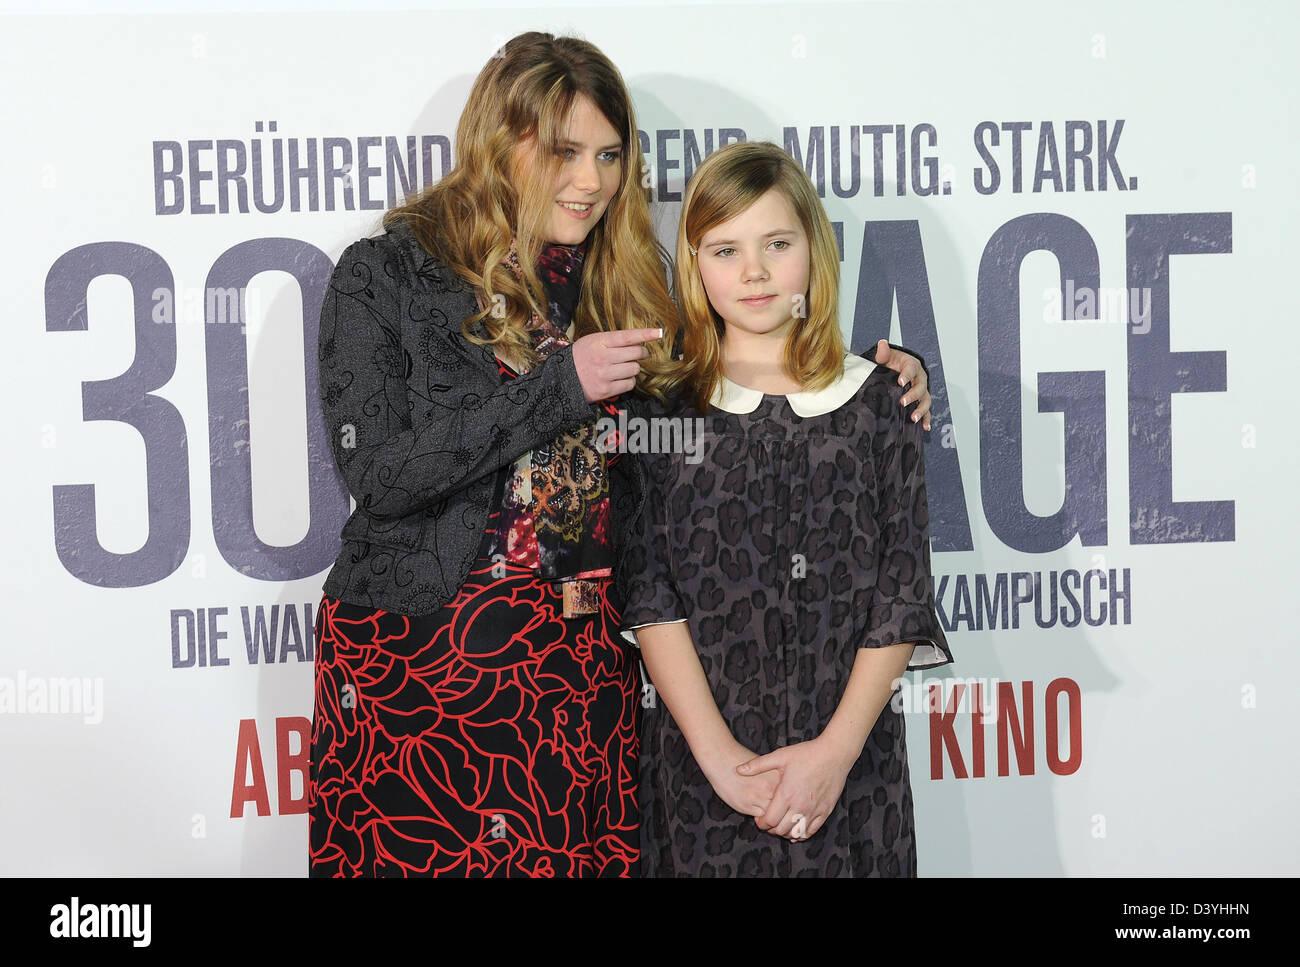 Munchen Deutschland 26 Februar 2013 Die Ehemalige Entfuhrung